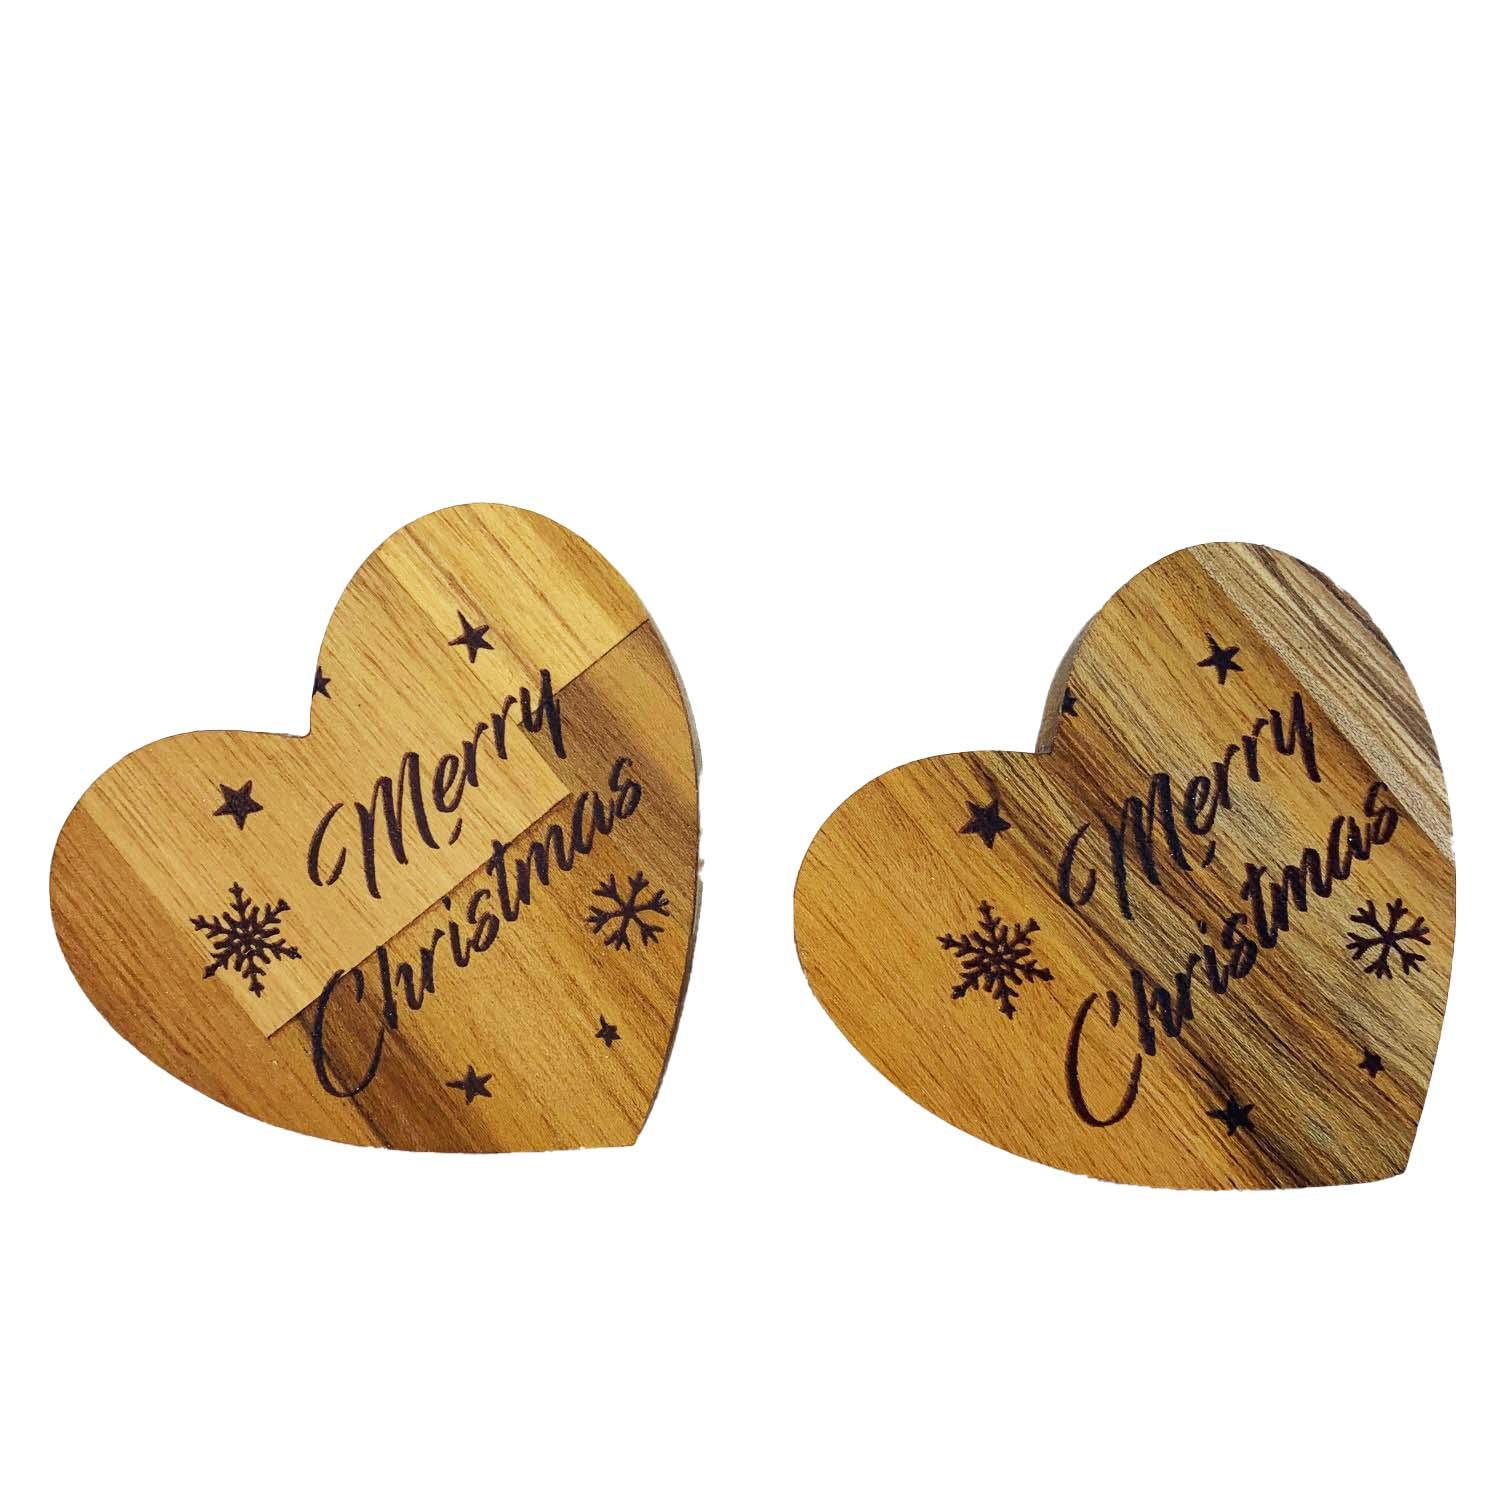 Jogo c/2 Argolas Madeira Teca escrita Merry Christmas, 7 cm